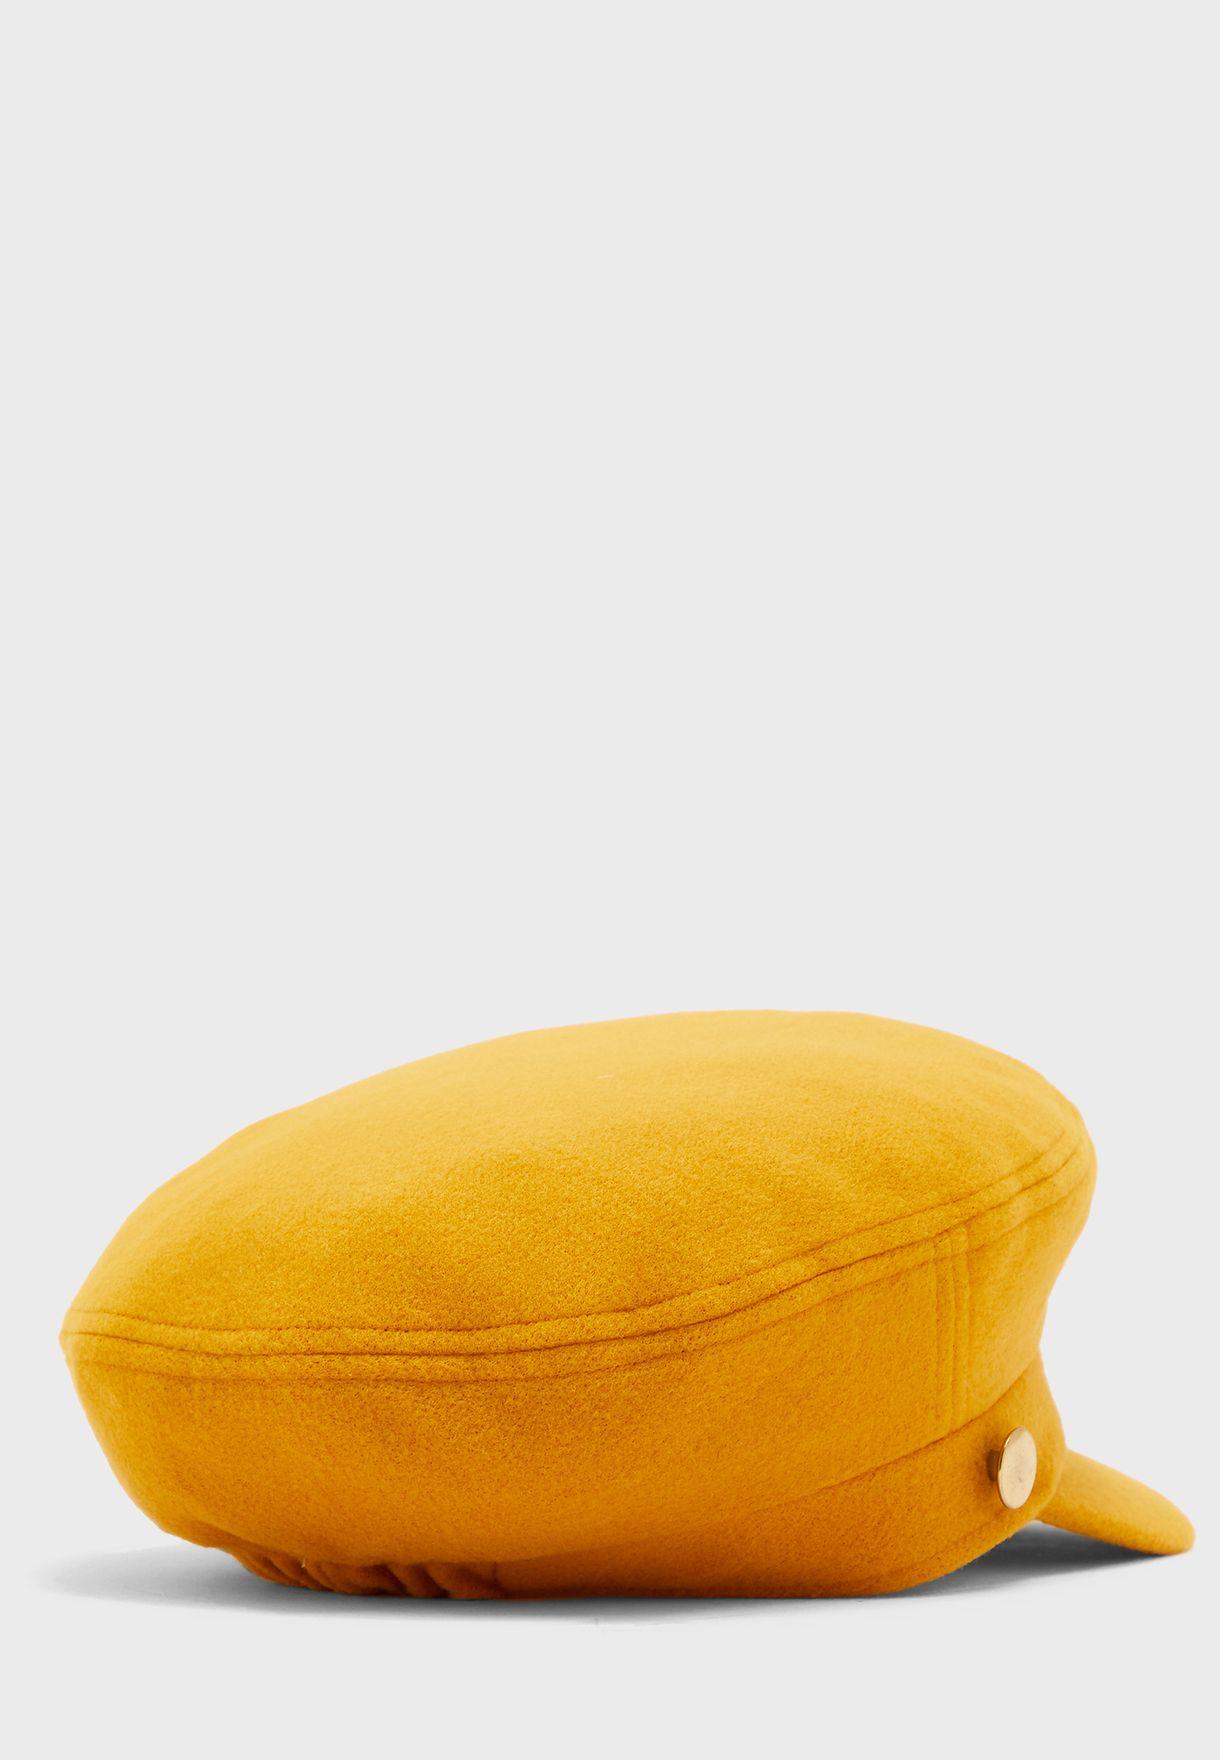 قبعة صوف انيقة